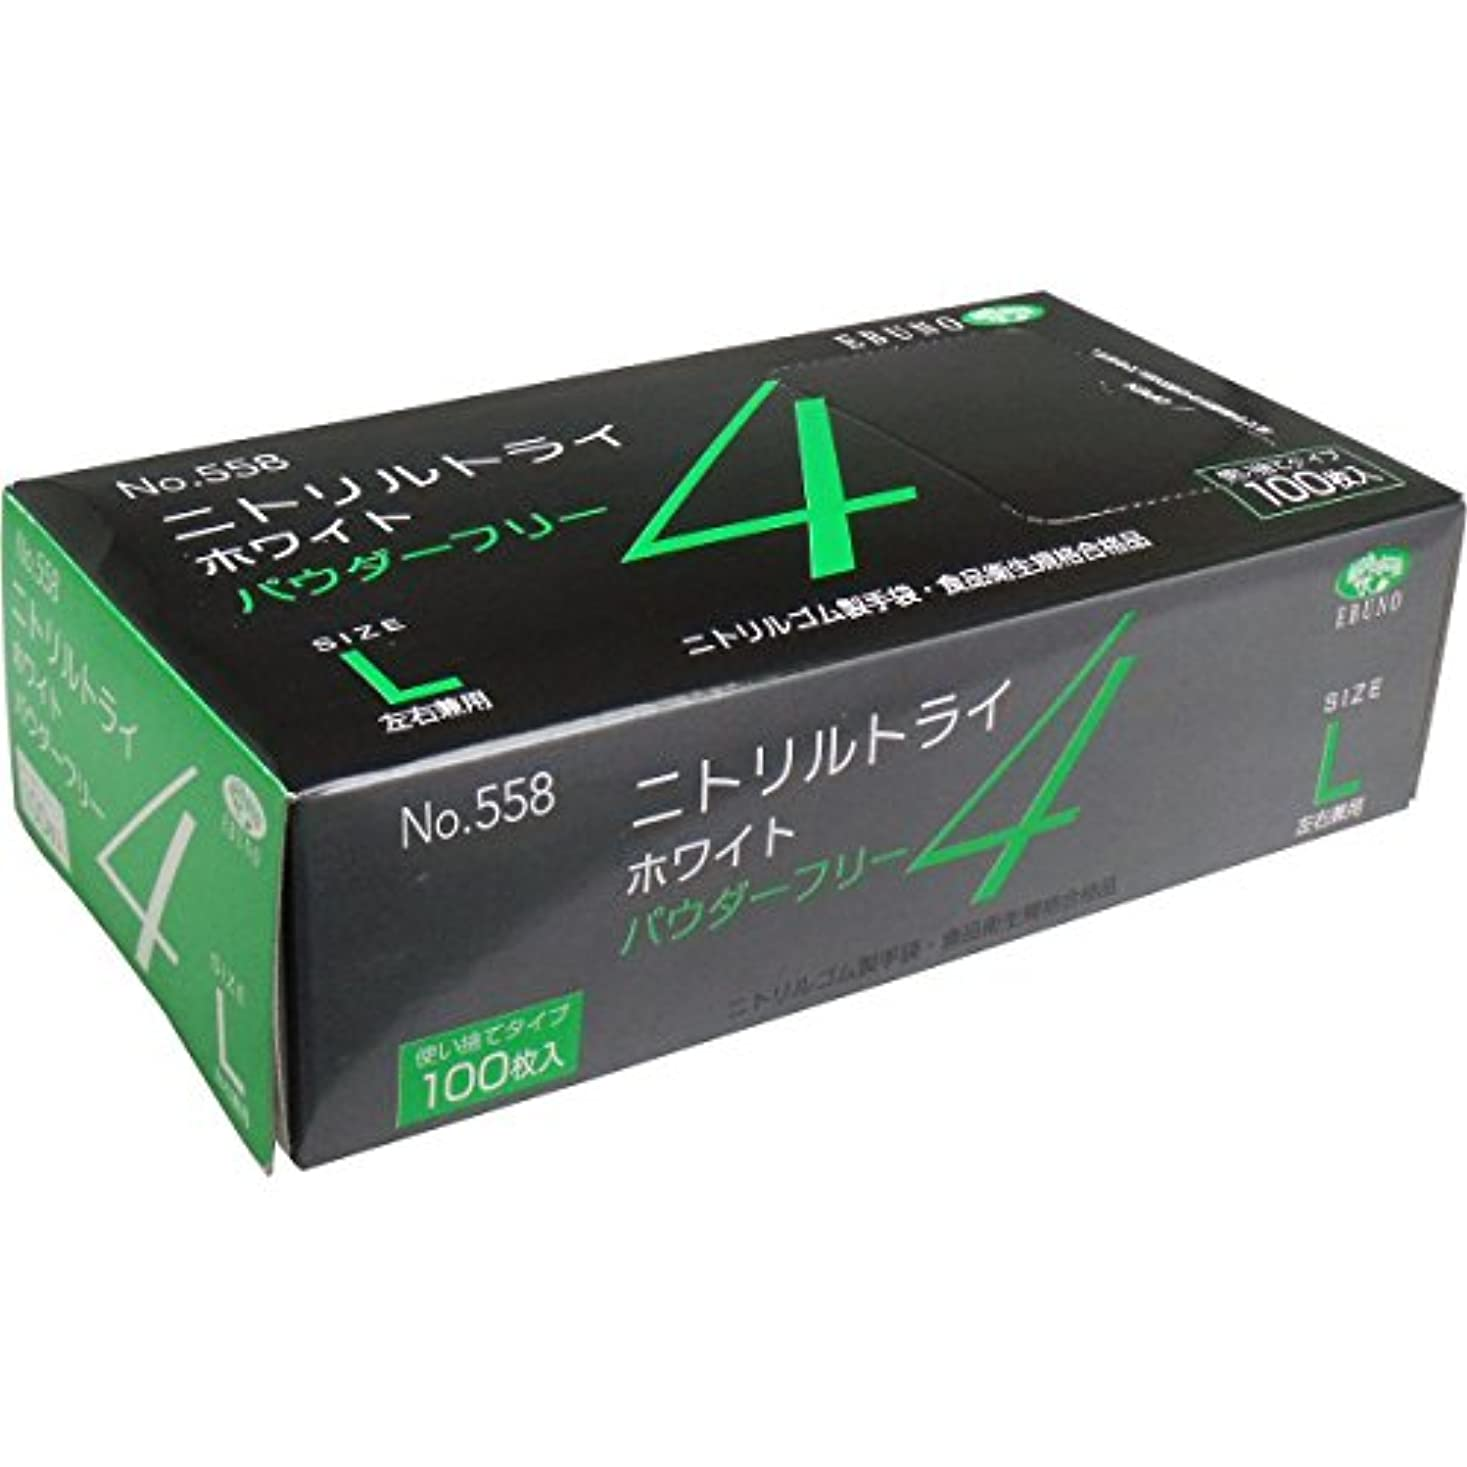 多様な事業内容更新するニトリルトライ4 手袋 ホワイト パウダーフリー Lサイズ 100枚入×10個セット